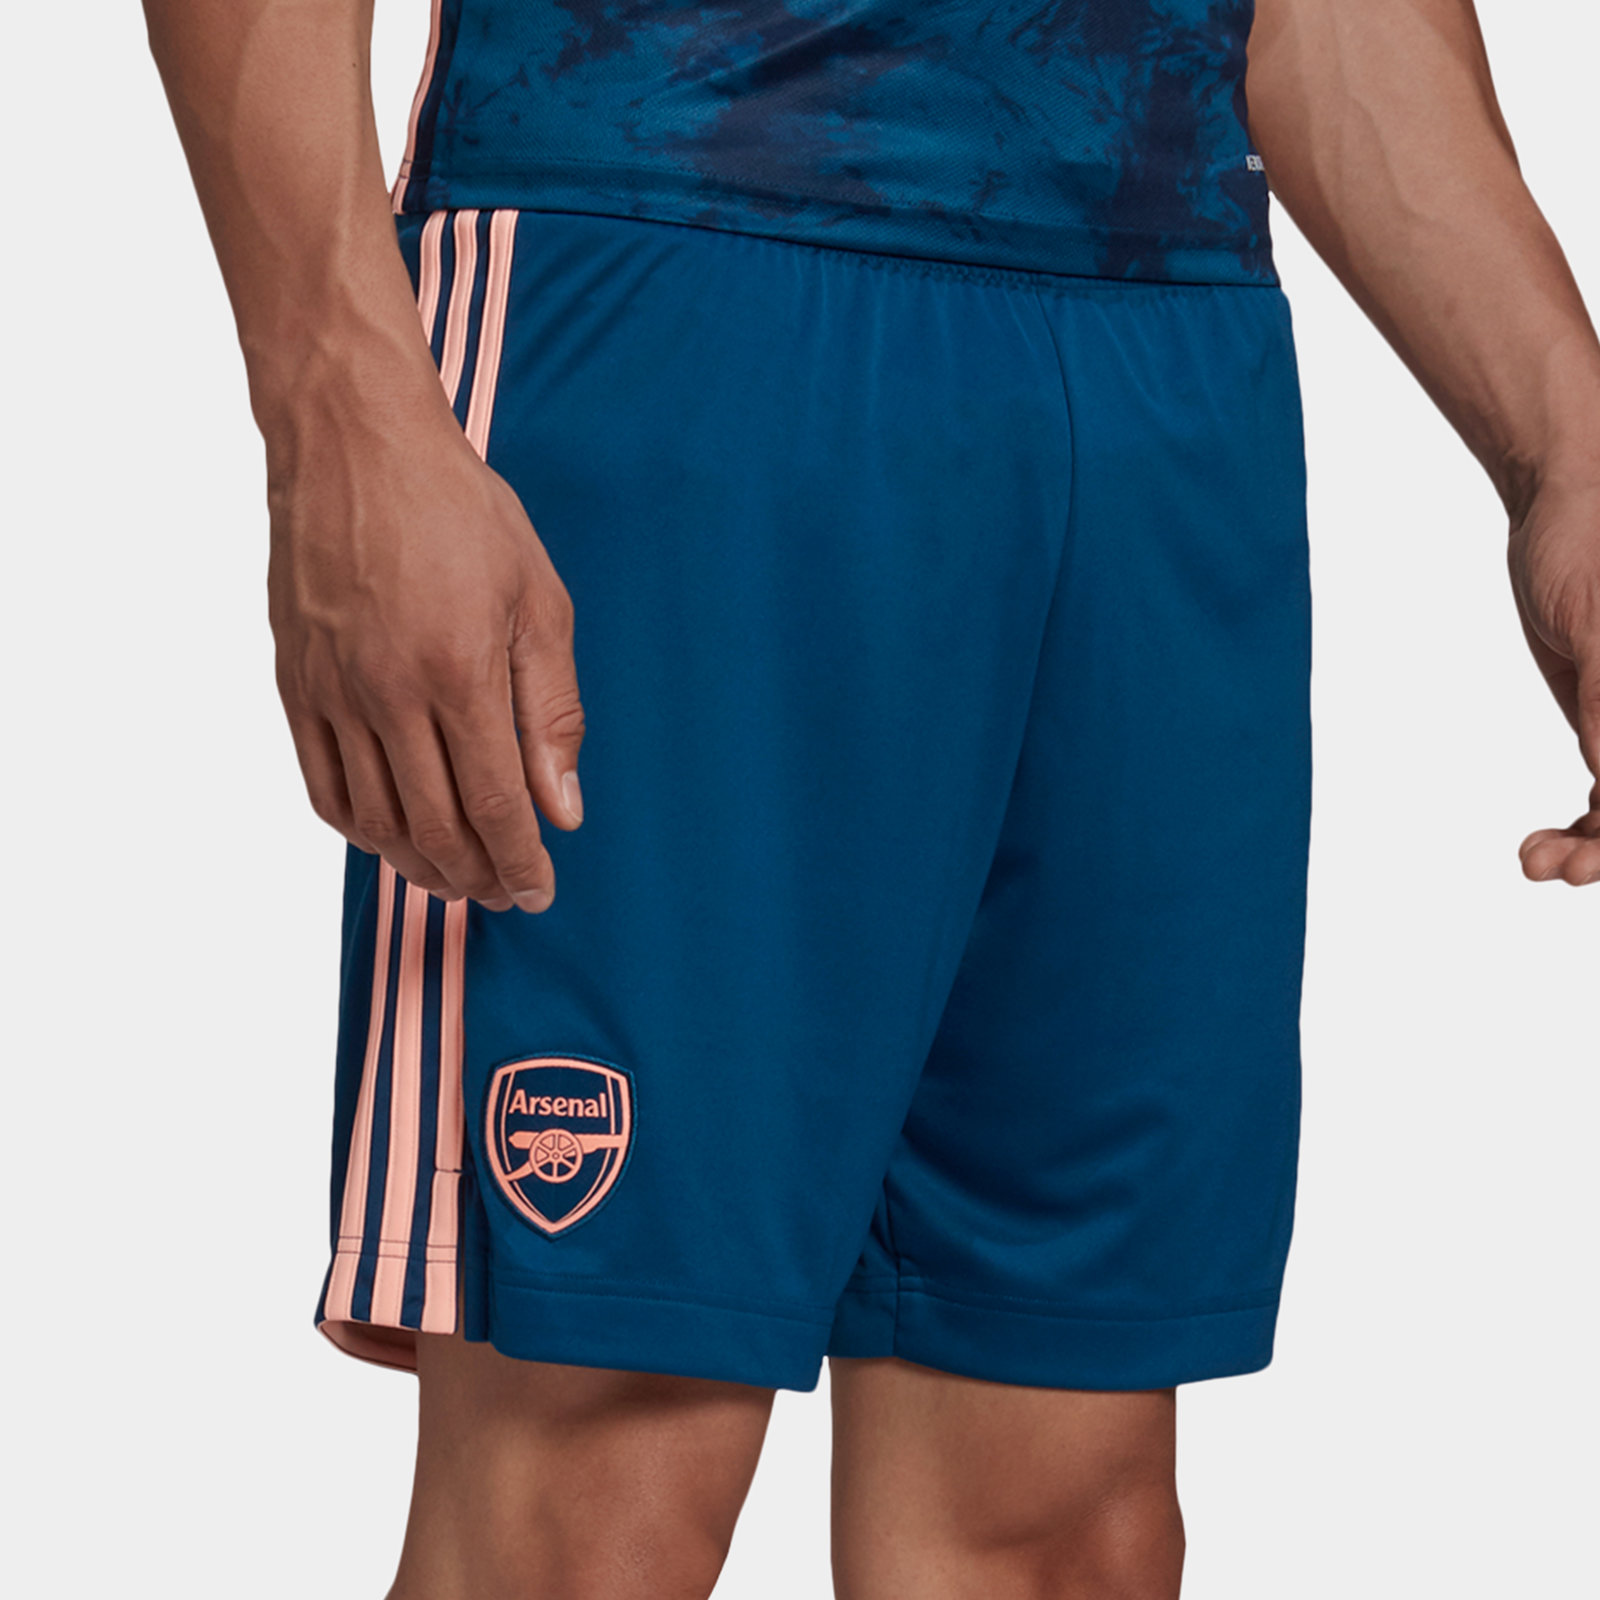 Arsenal Third Shorts 20/21 Mens